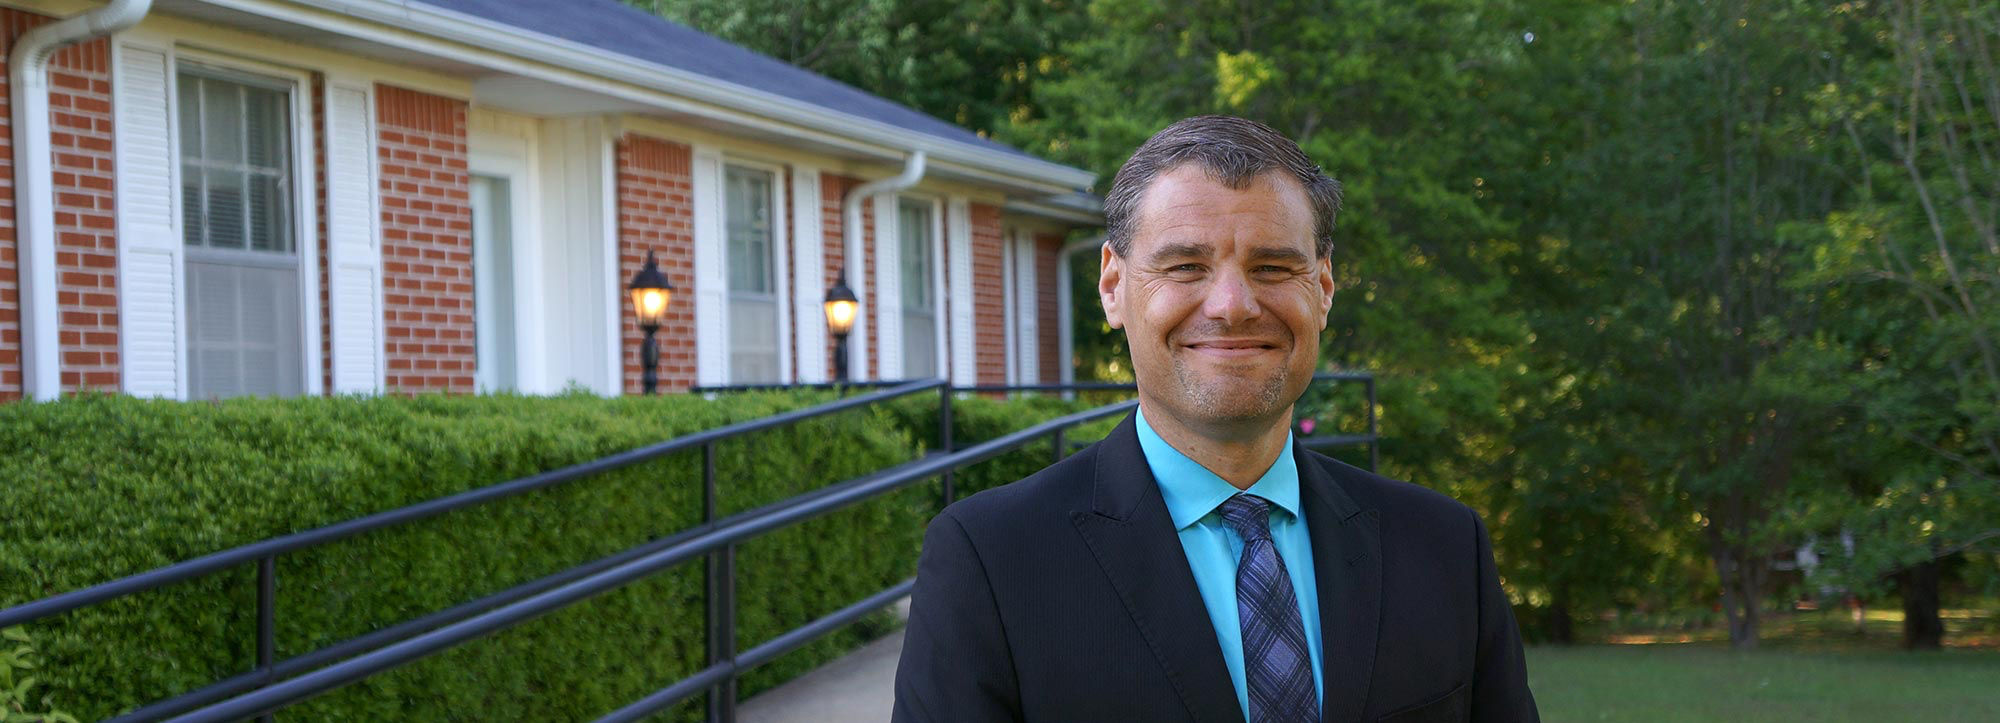 Lance Evans, Superintendent